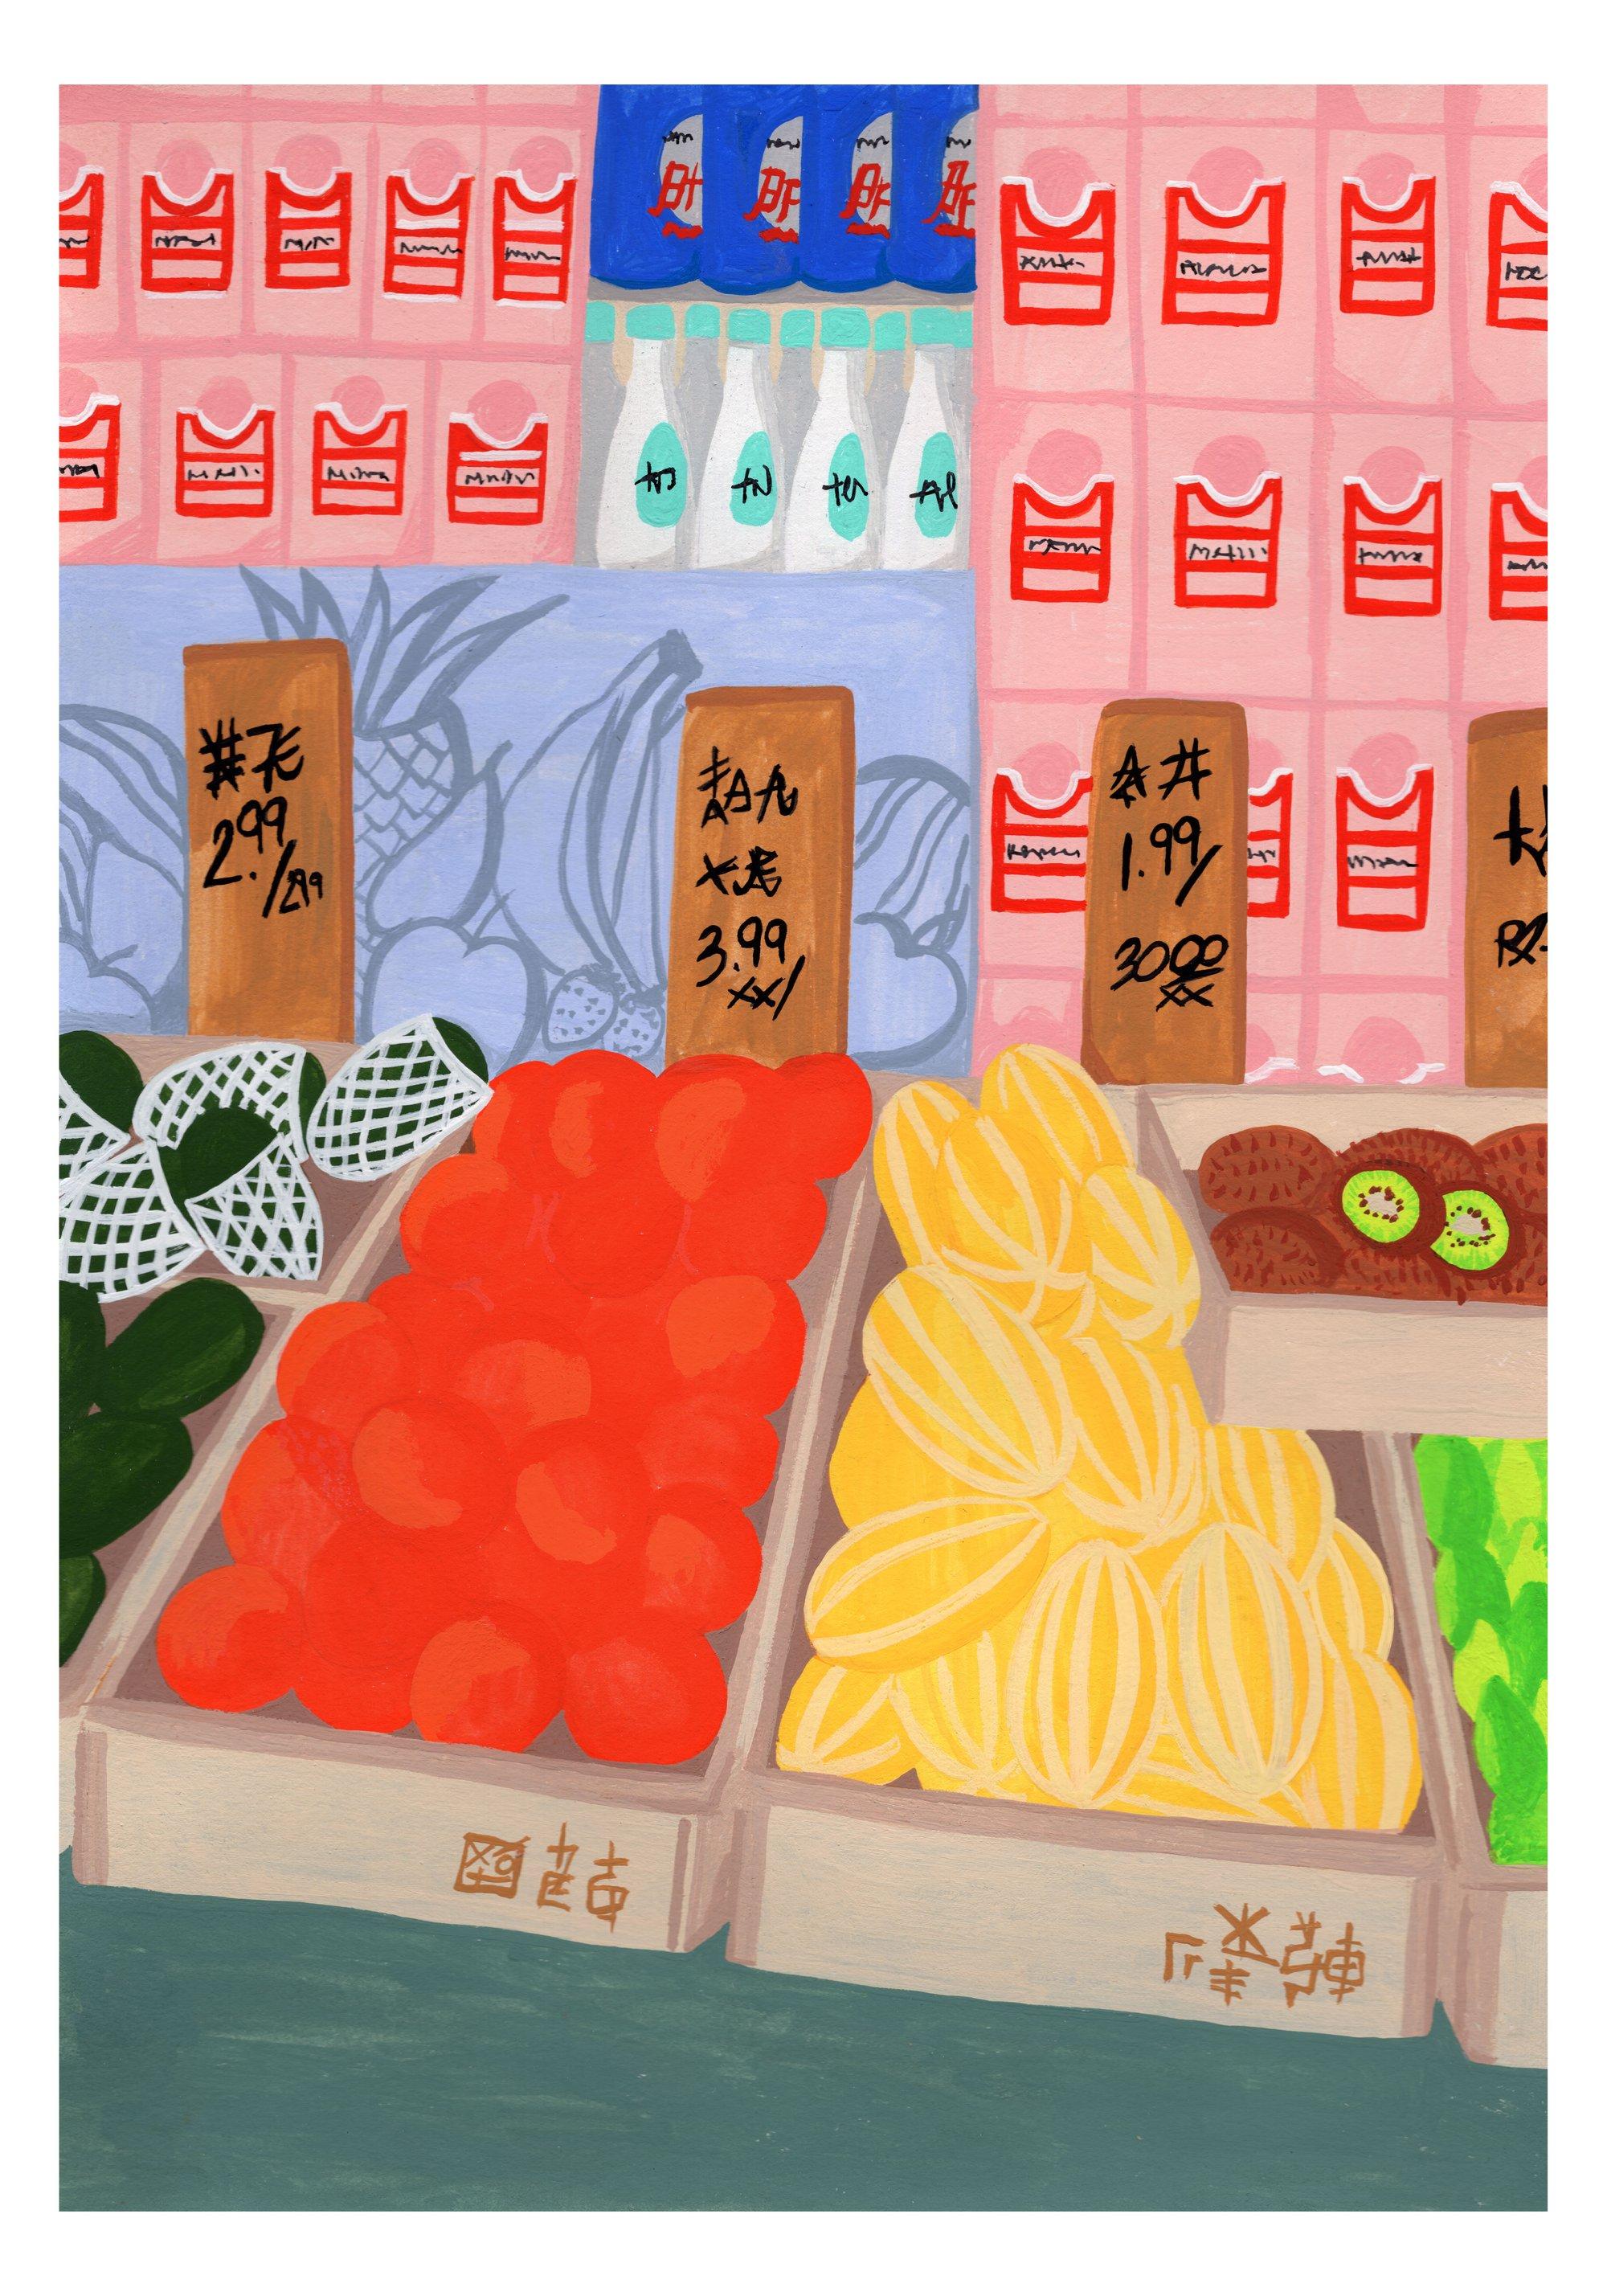 Image of Fruit Market